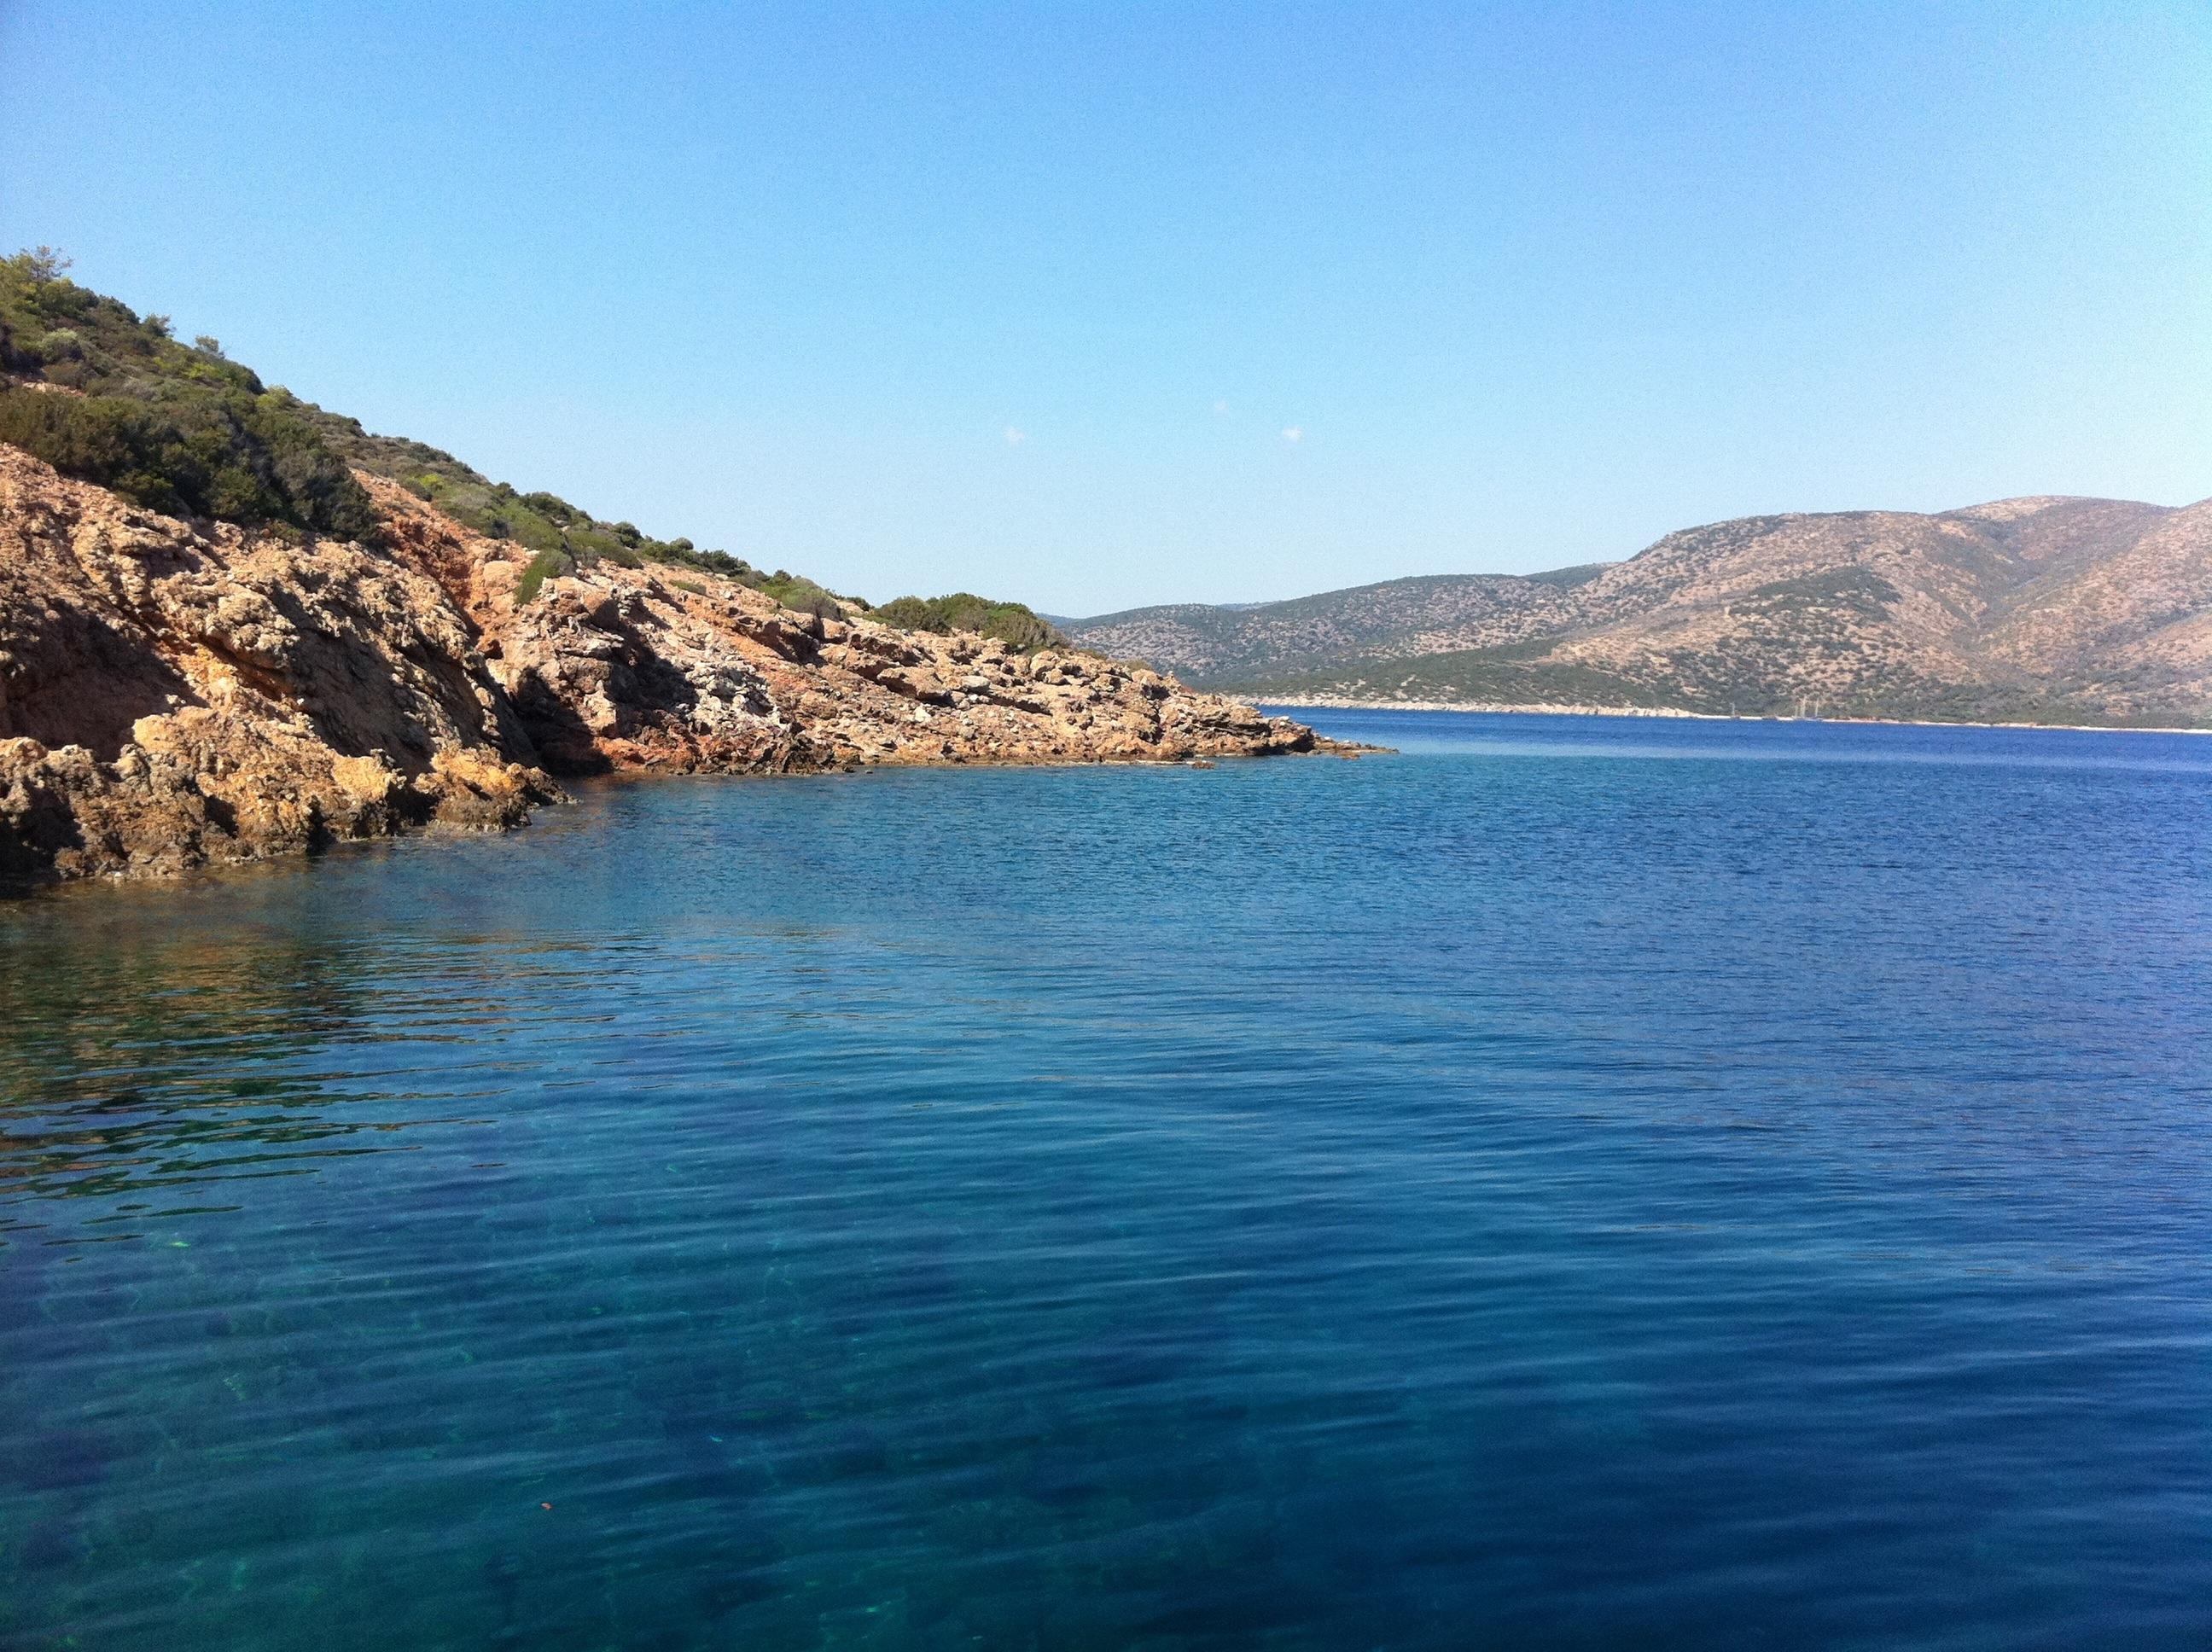 Noleggio Barche Isola di Karaada - Navalia | Noleggia un Sogno